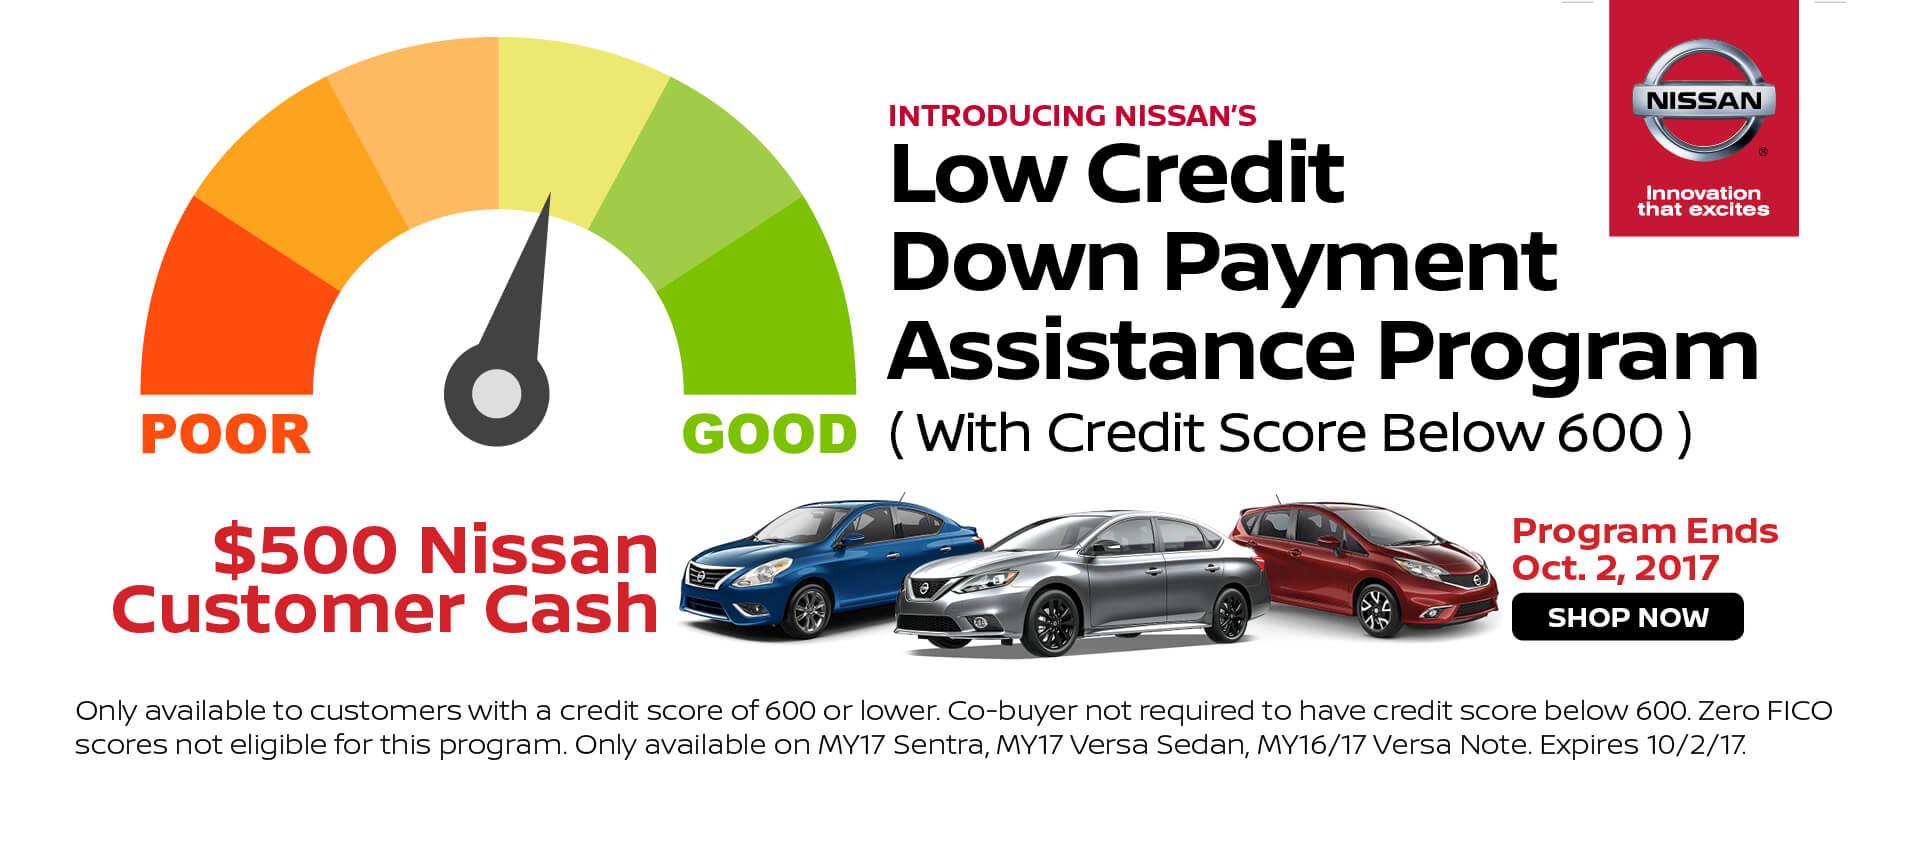 Low Credit